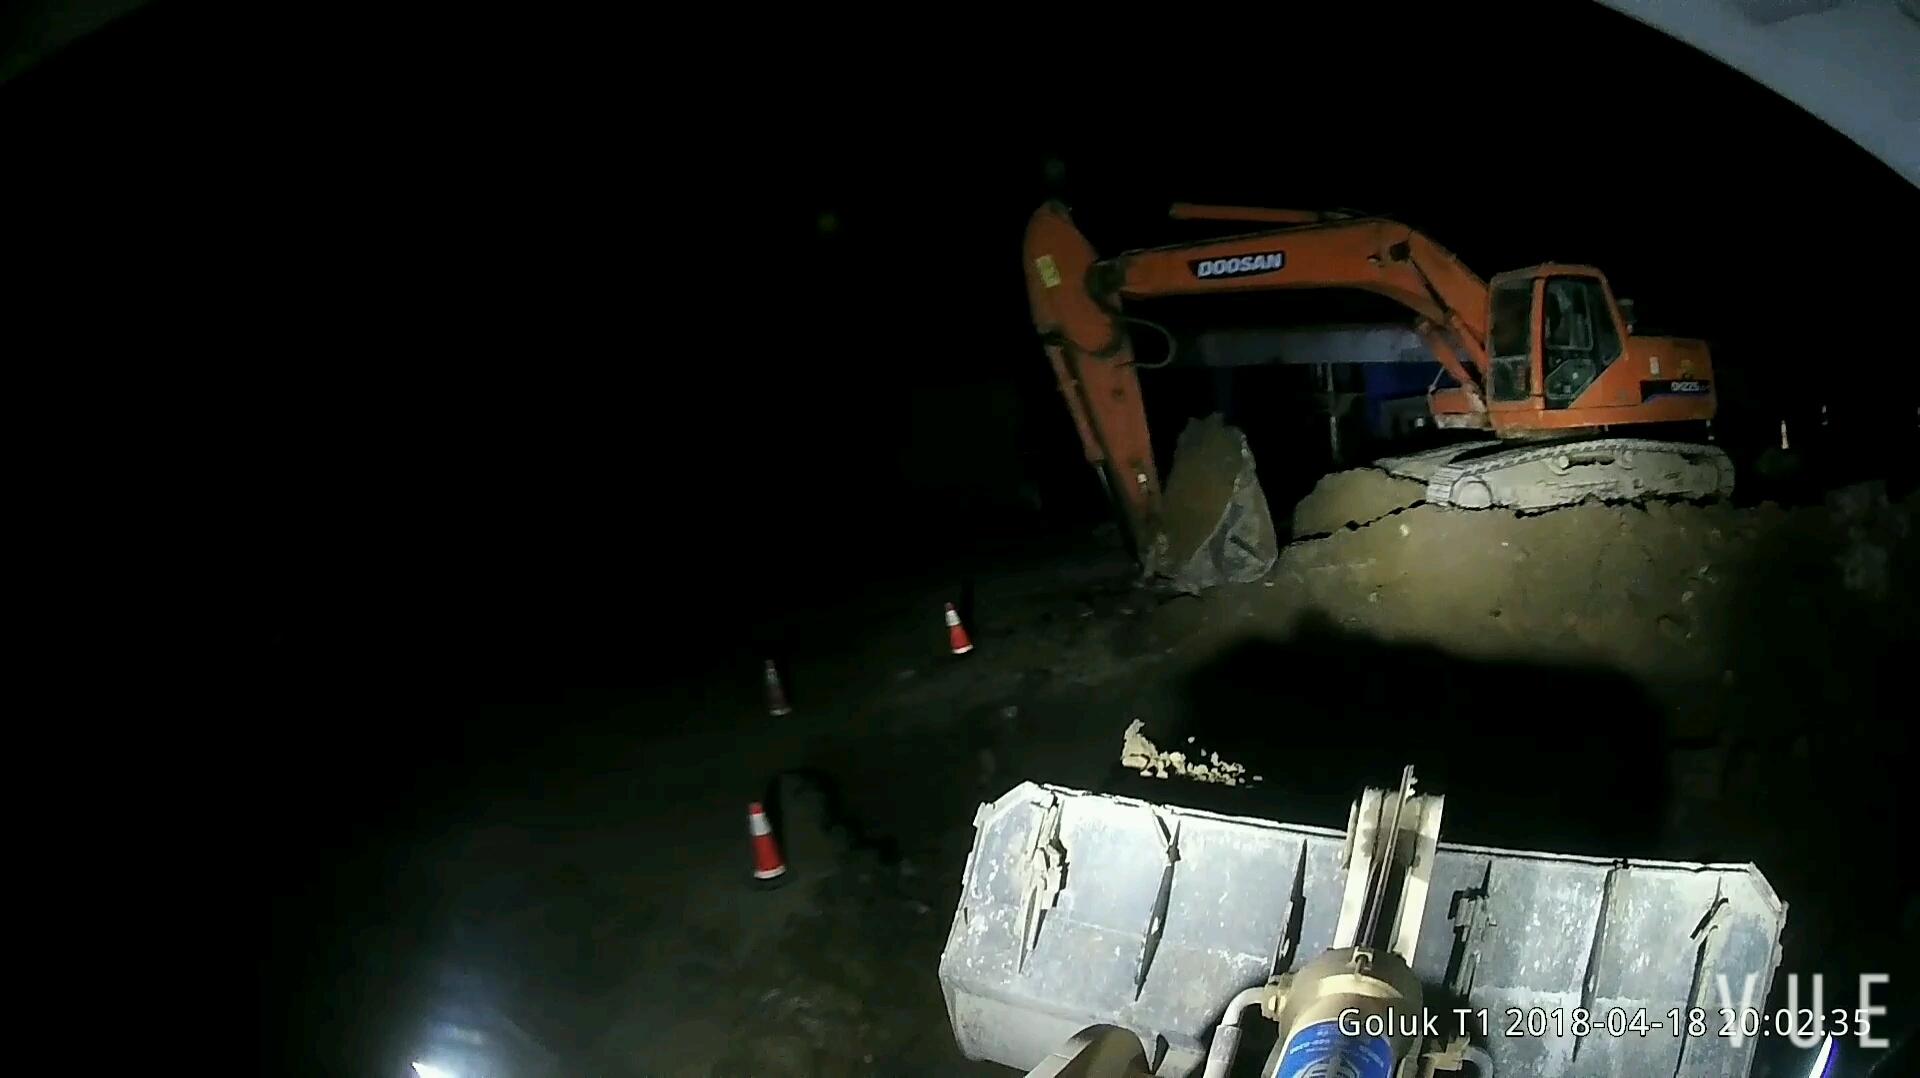 【老司机带你飞】装载机 装车和铲土的一些技巧